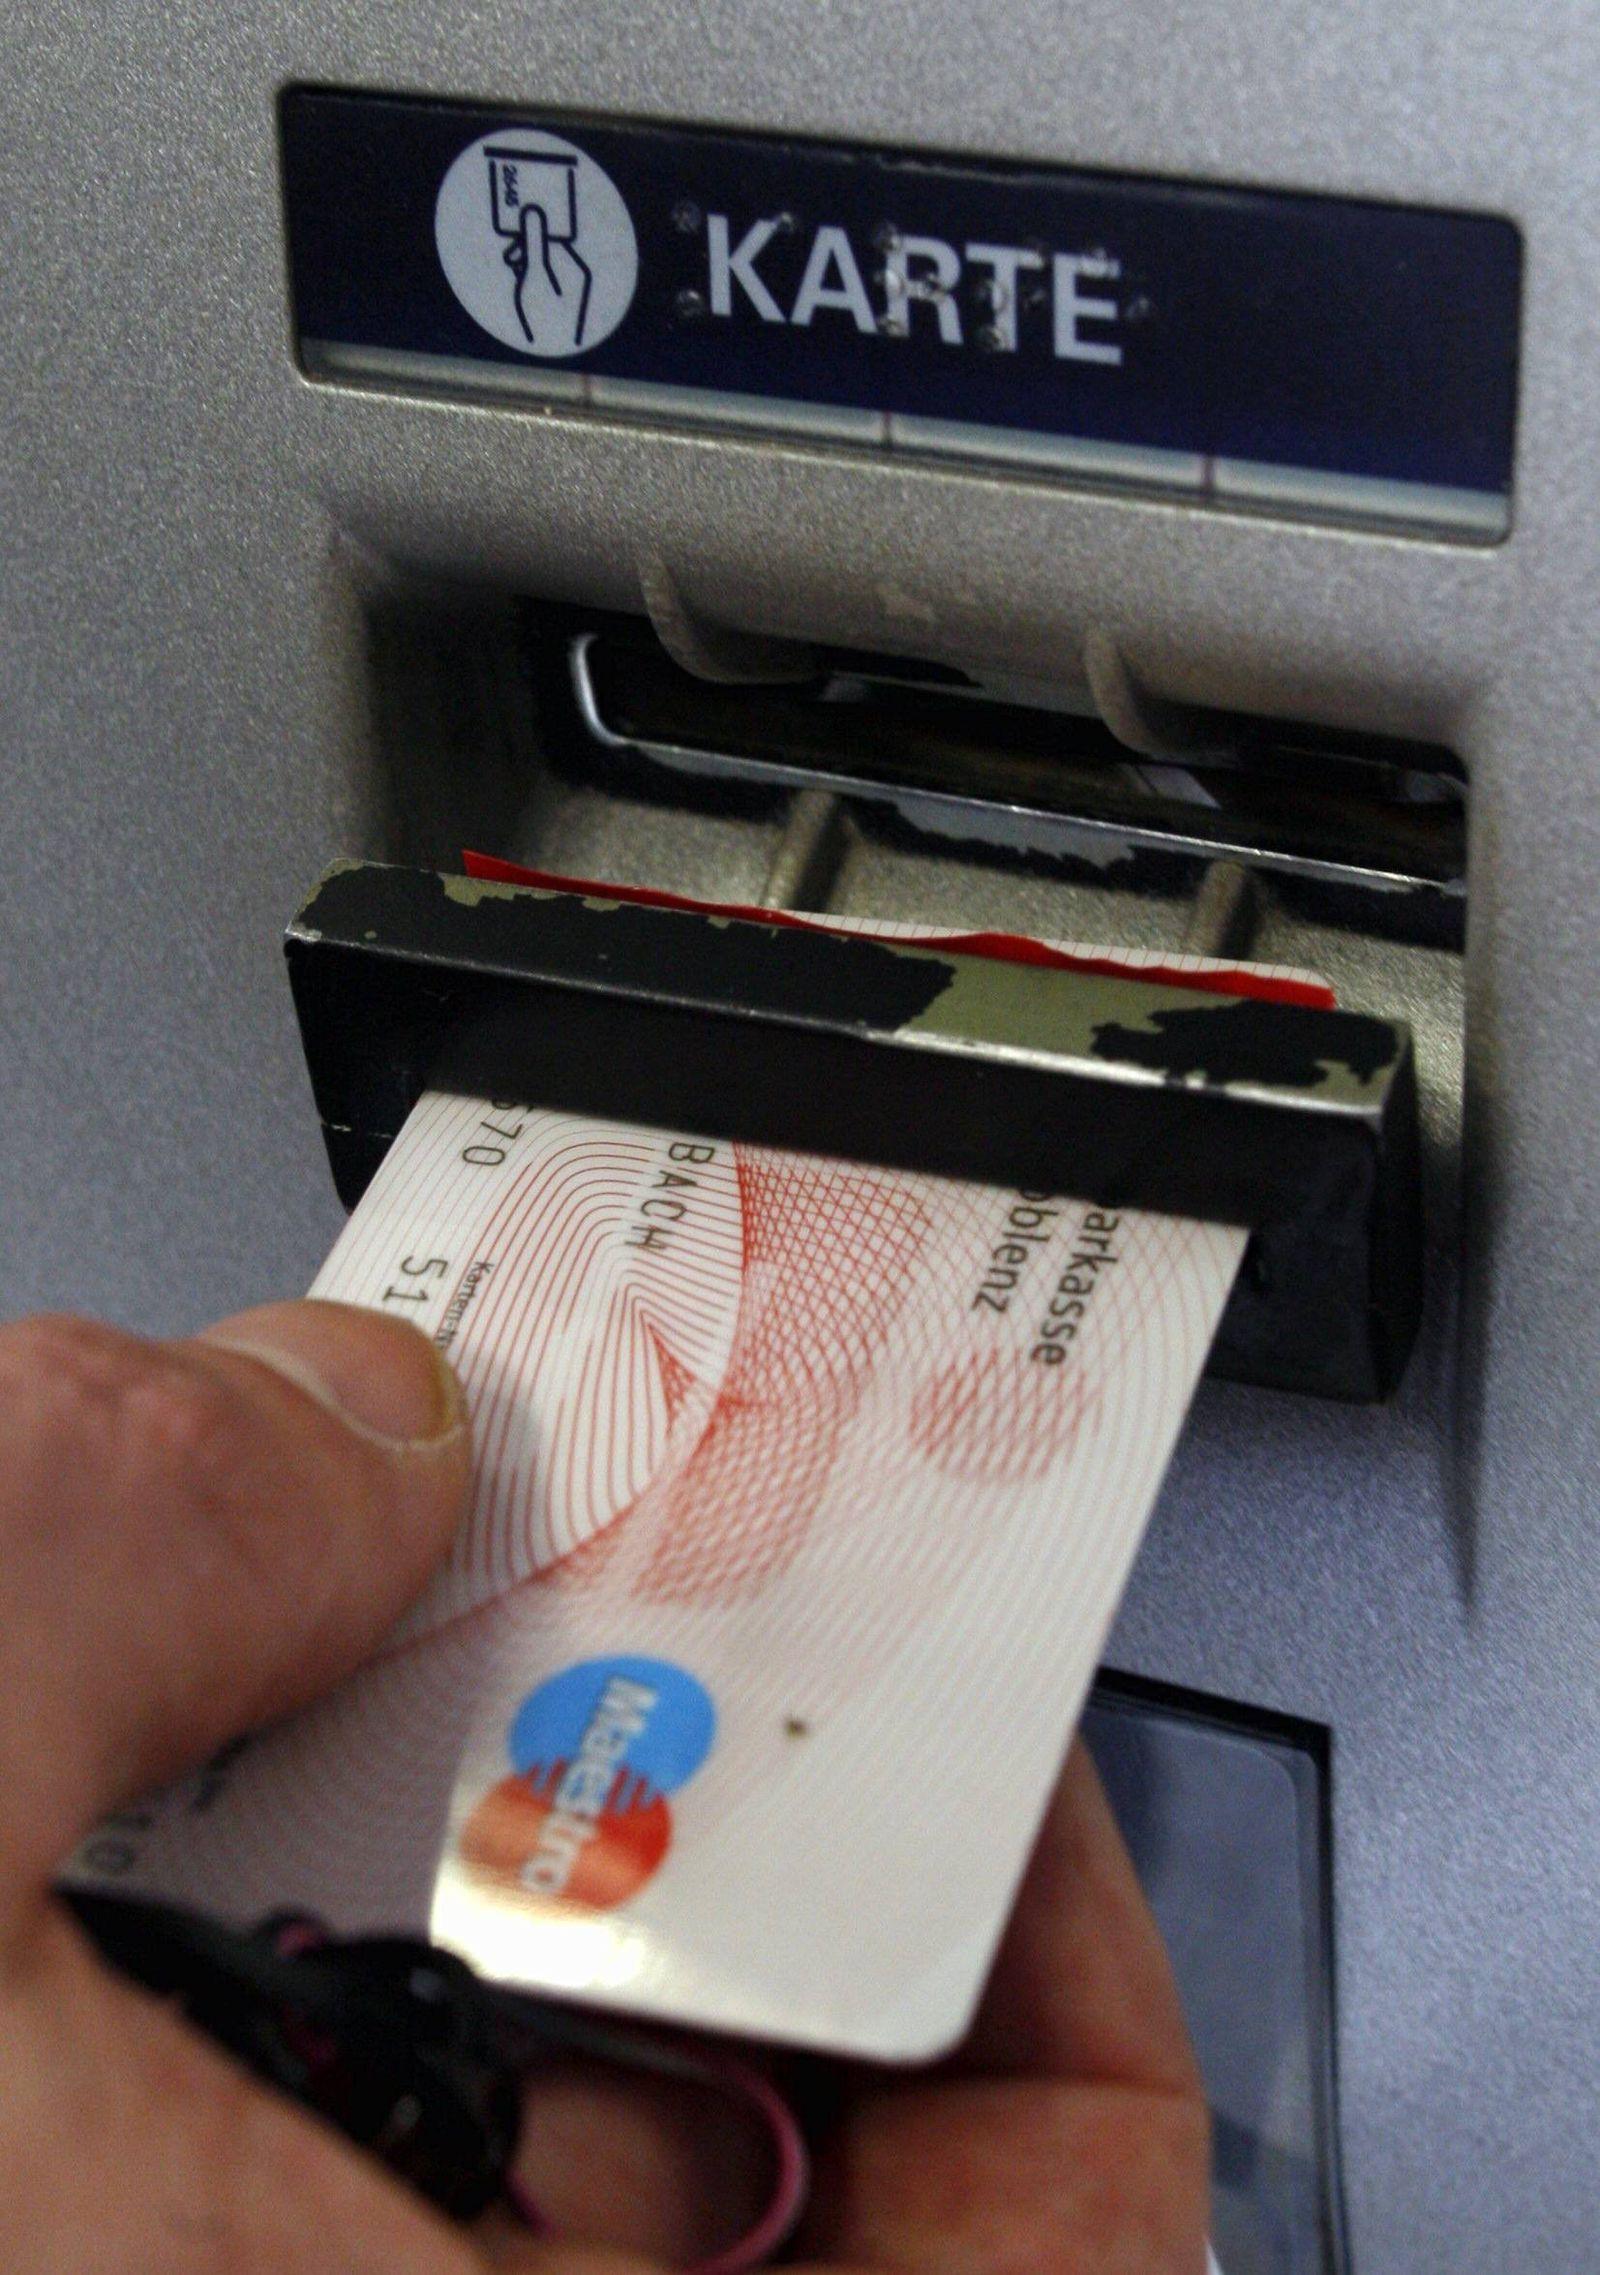 NICHT VERWENDEN Sparkassen Karte